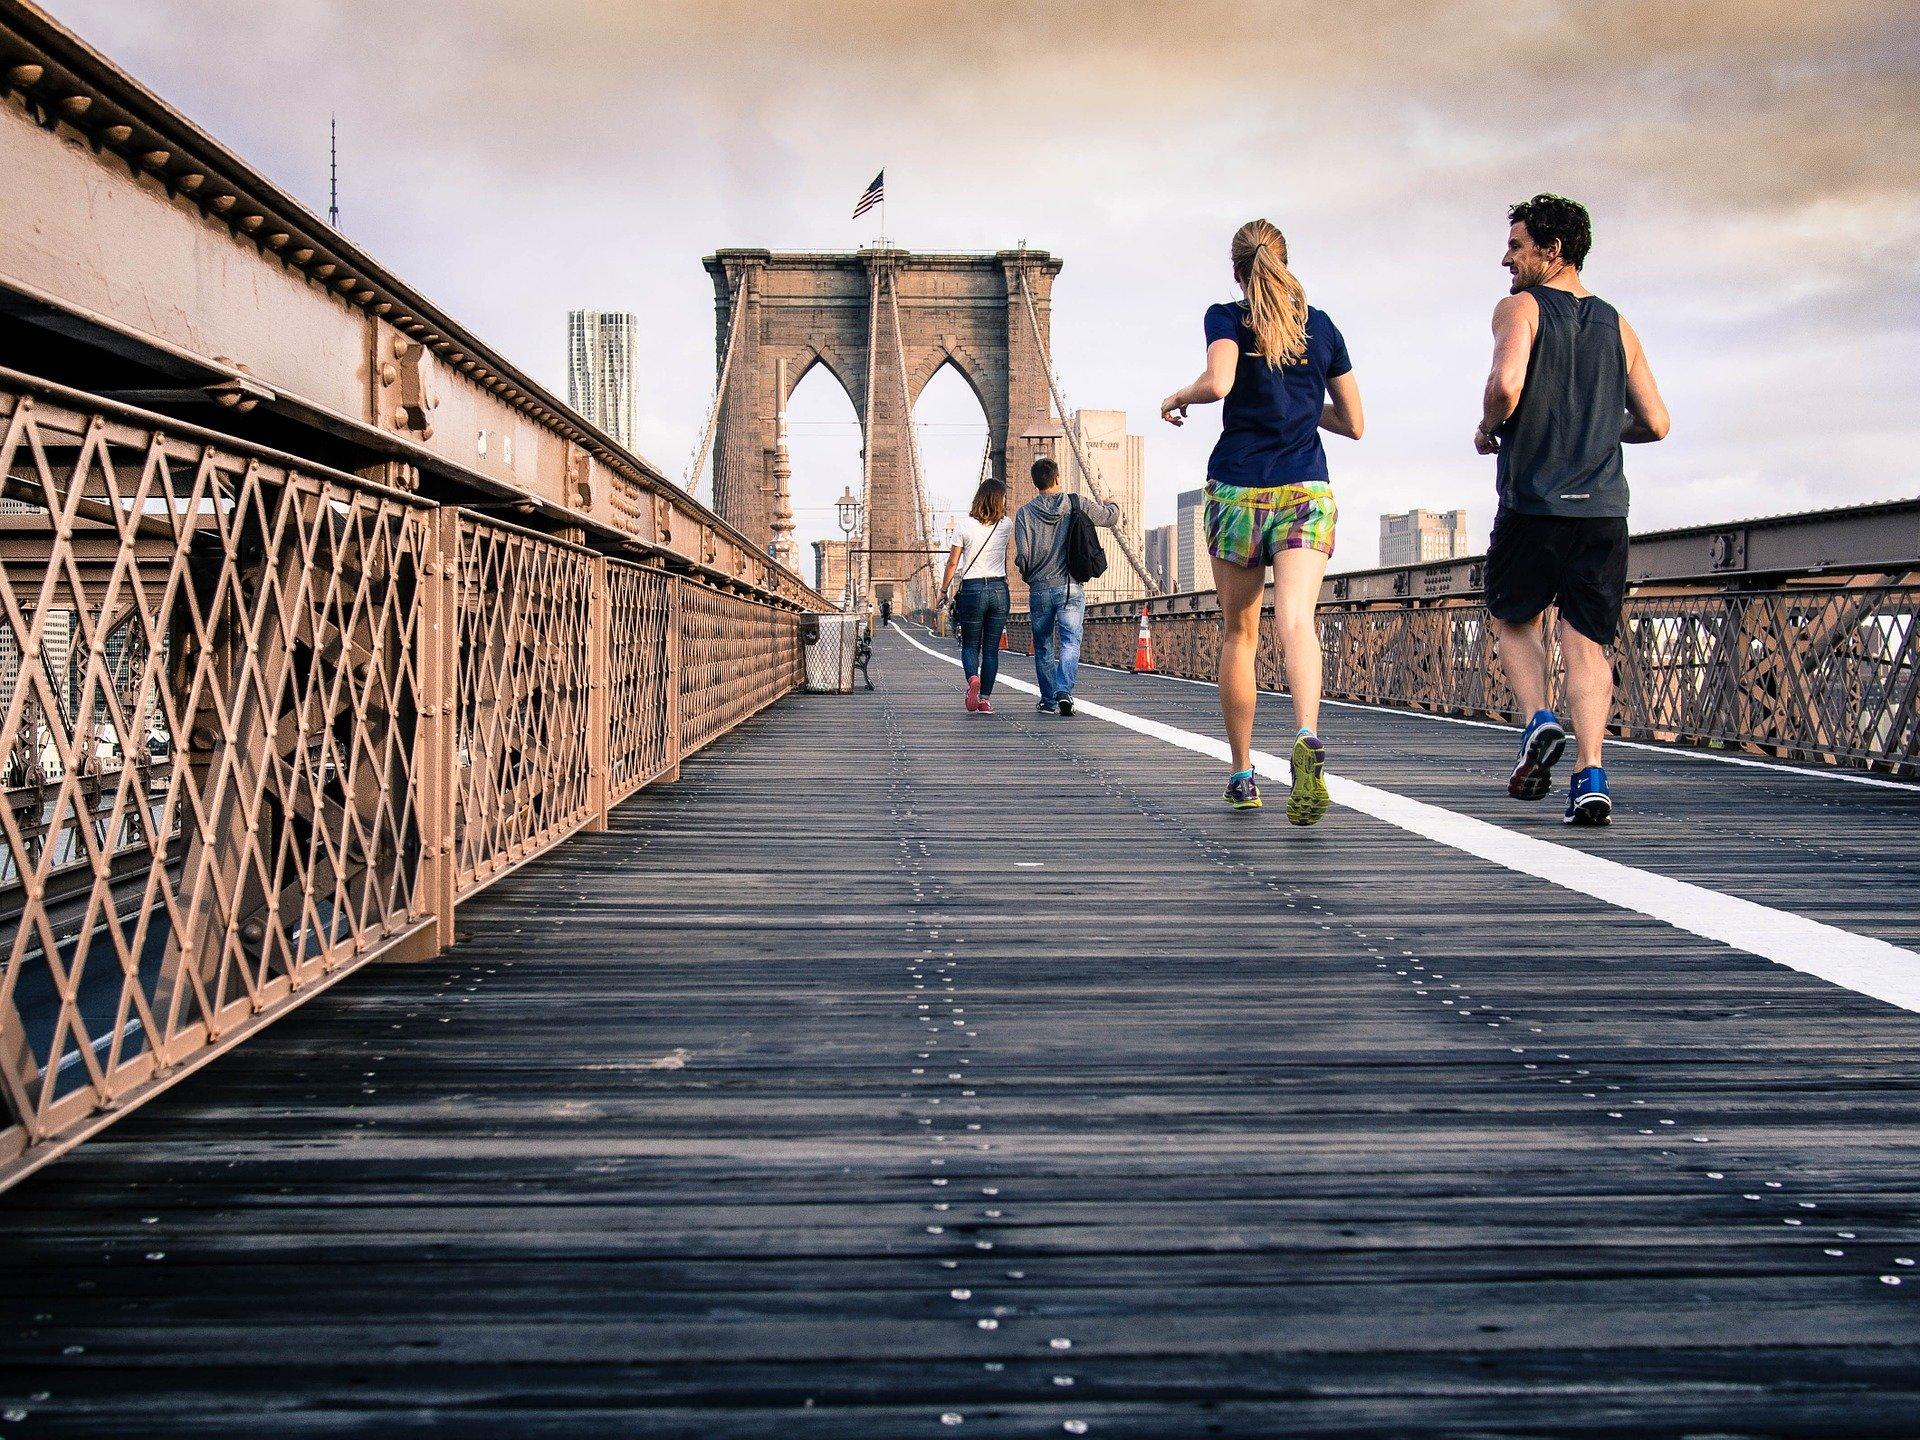 Tỷ lệ một dặm 10 phút cũng tốt cho những người mới bắt đầu